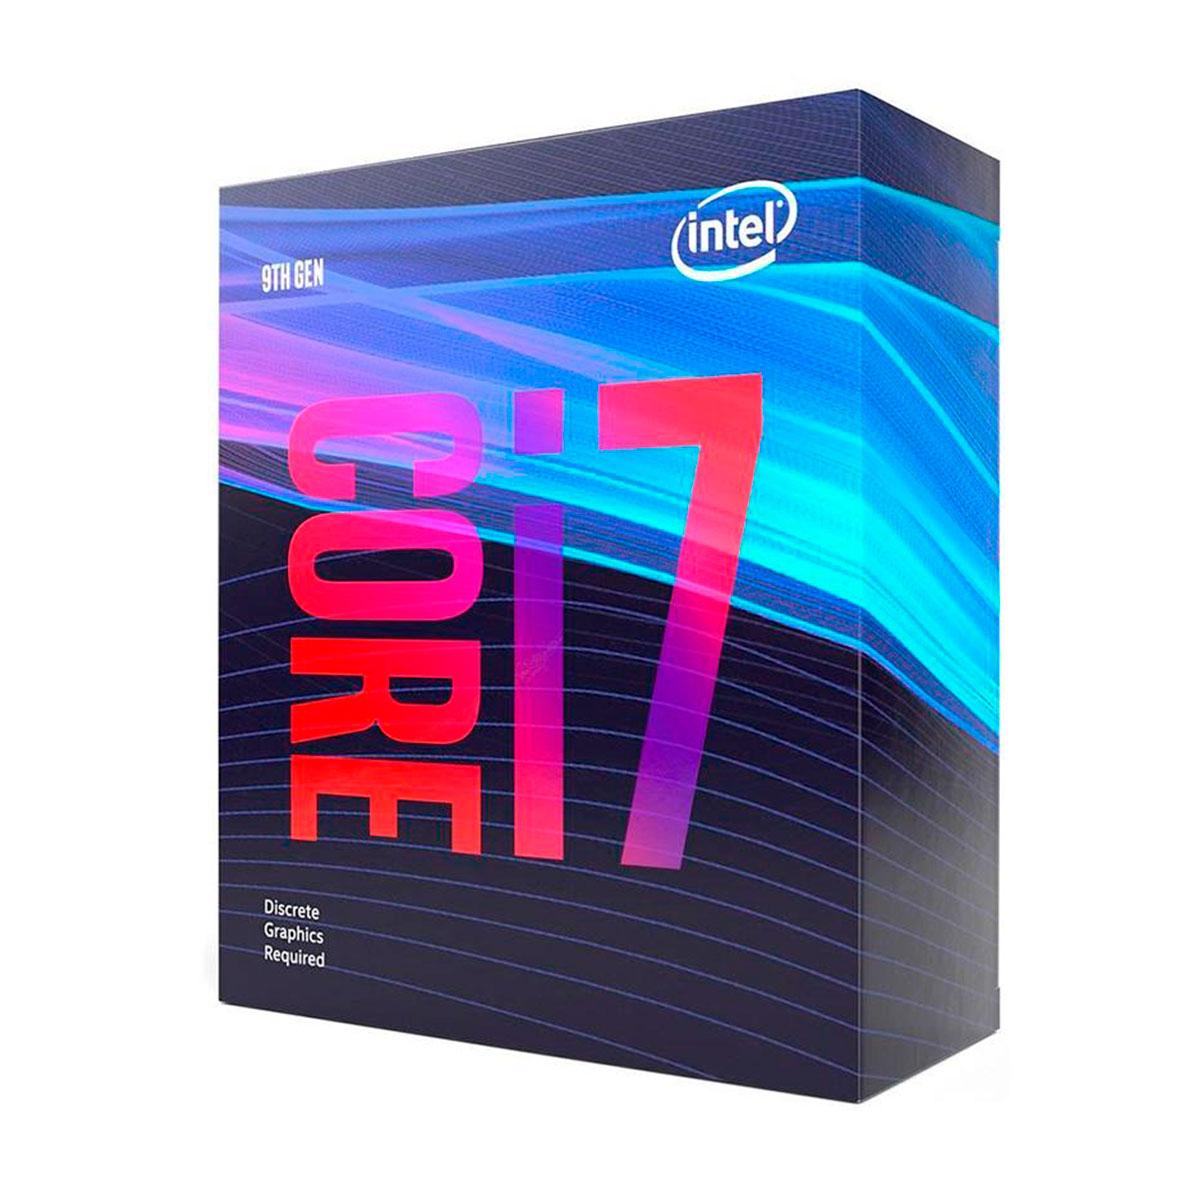 Processador Intel Core I7-9700F 3.00GHz (4.70GHz Max Turbo) Cache 12MB LGA 1151 BX80684I79700F